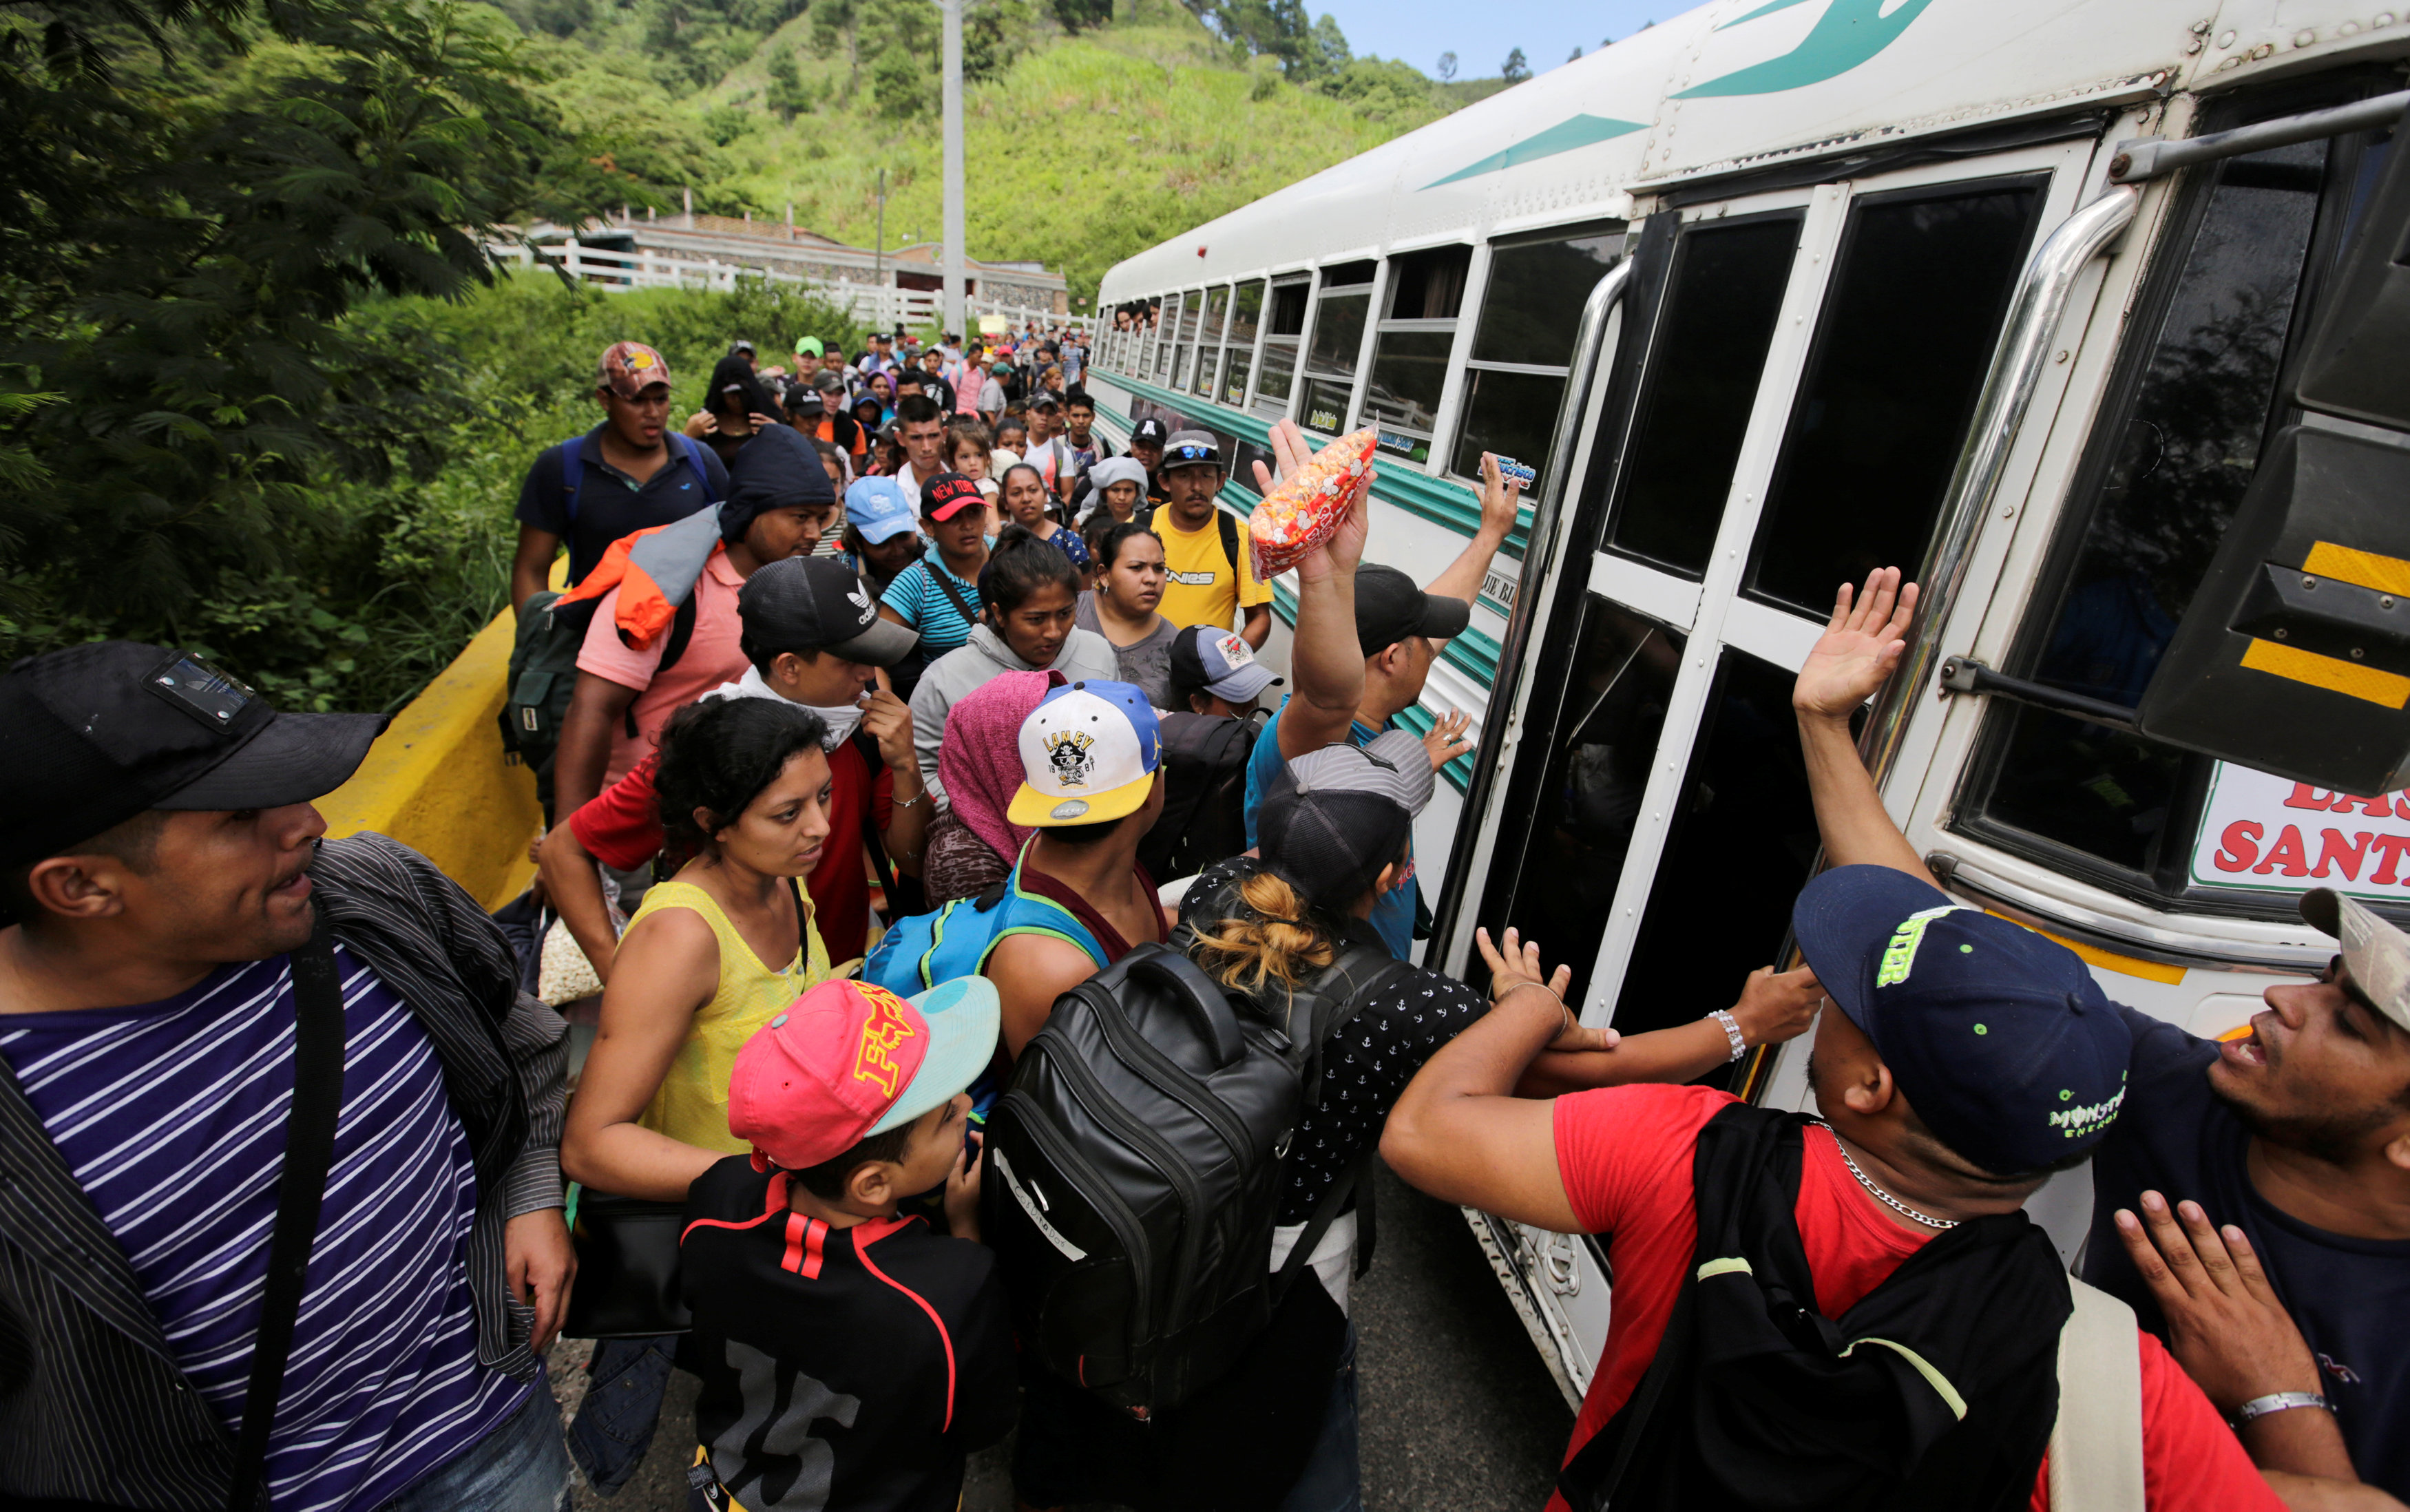 La caravana que desafía la política migratoria de Trump